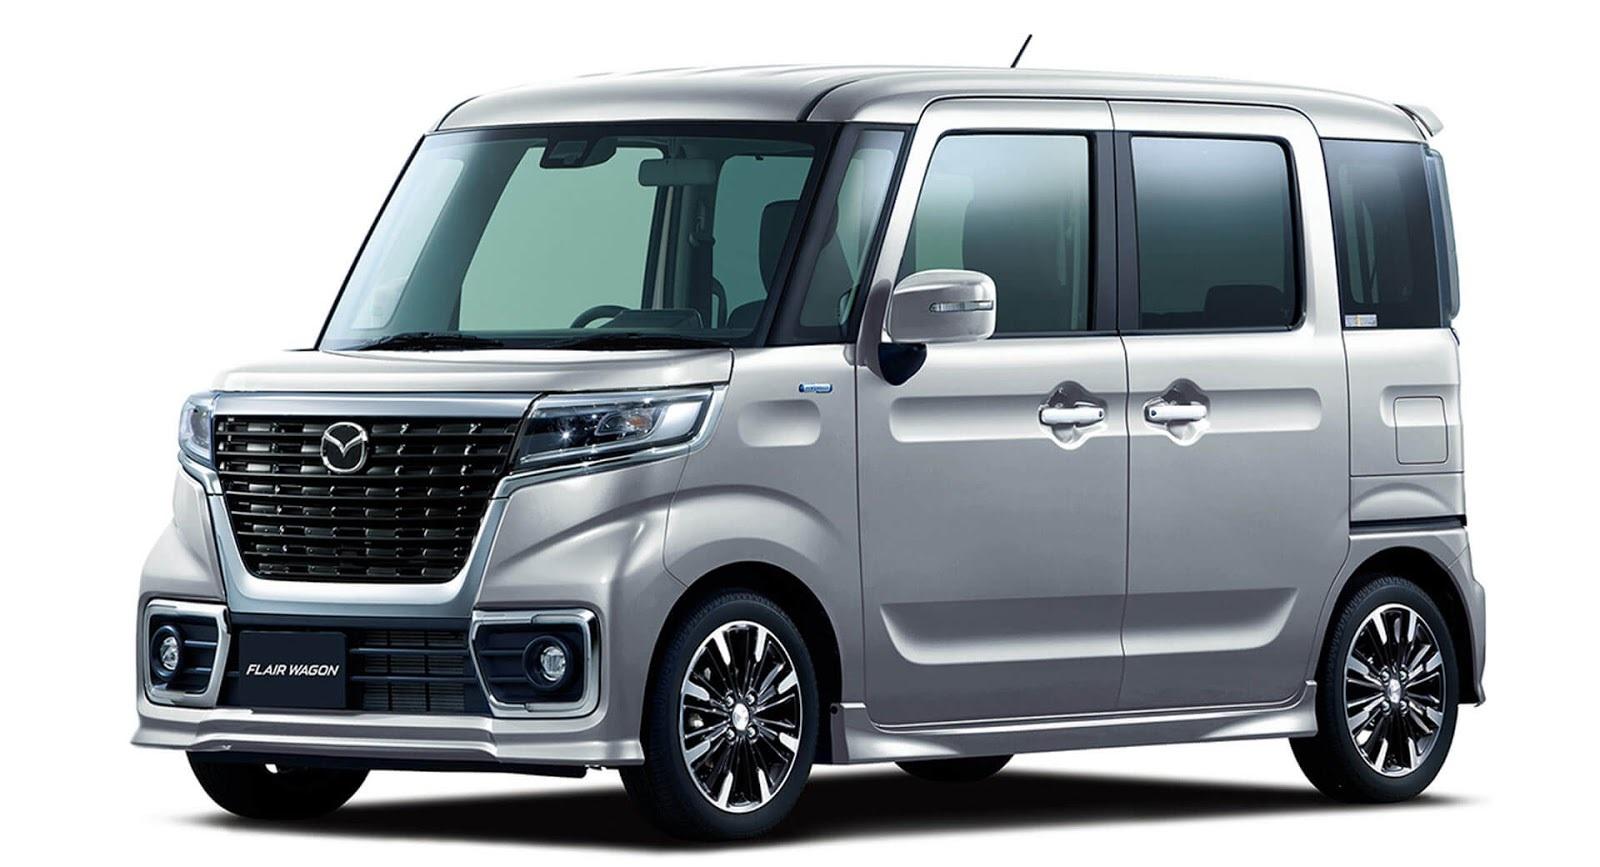 ô tô Mazda,ô tô giá rẻ,ô tô Nhật,xe cỡ nhỏ,xe nhỏ giá rẻ